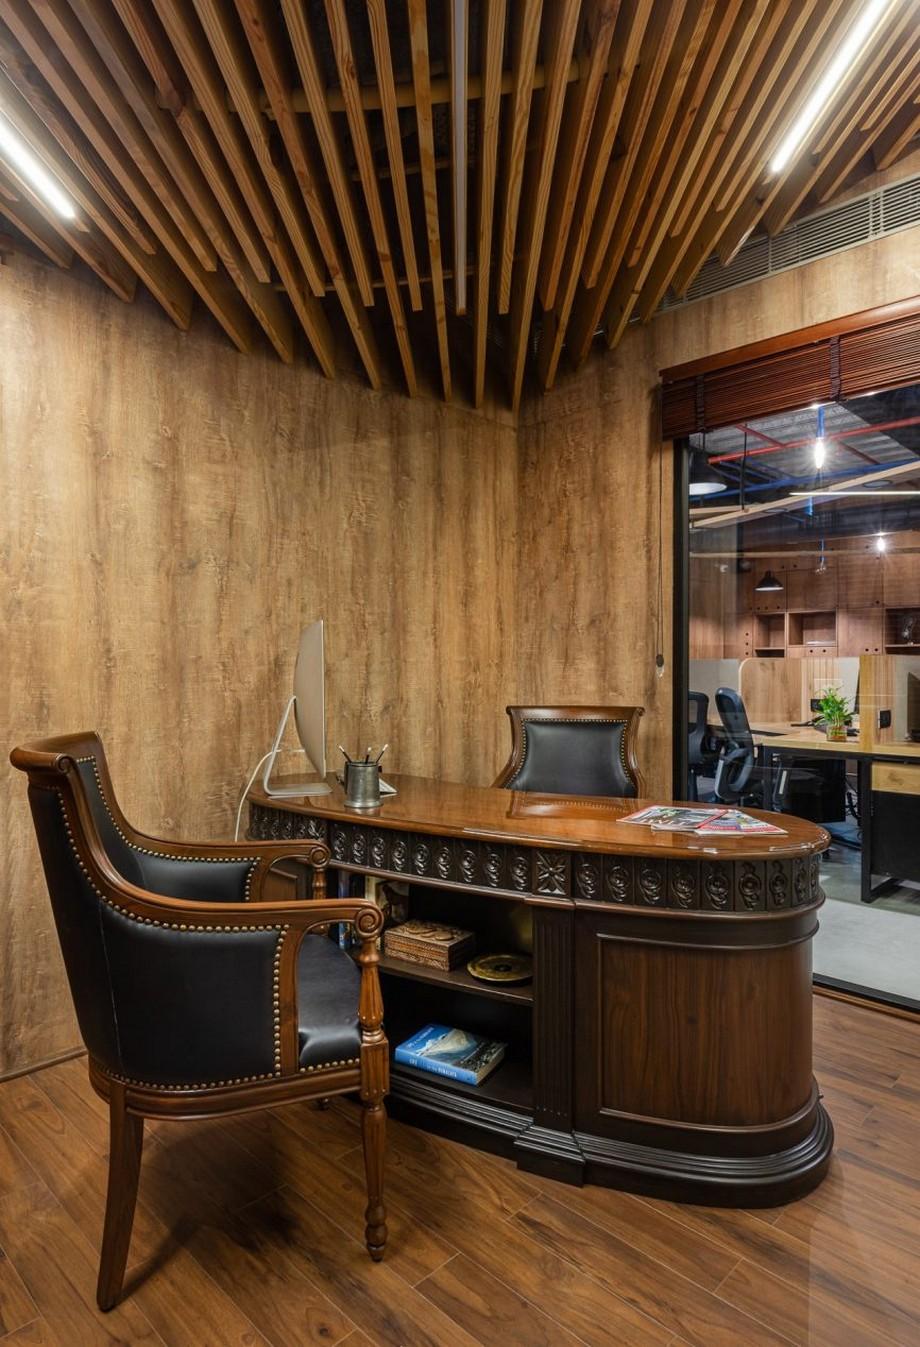 thiết kế nội thất văn phòng lấy cảm hứng từ vật liệu gỗ tự nhiên